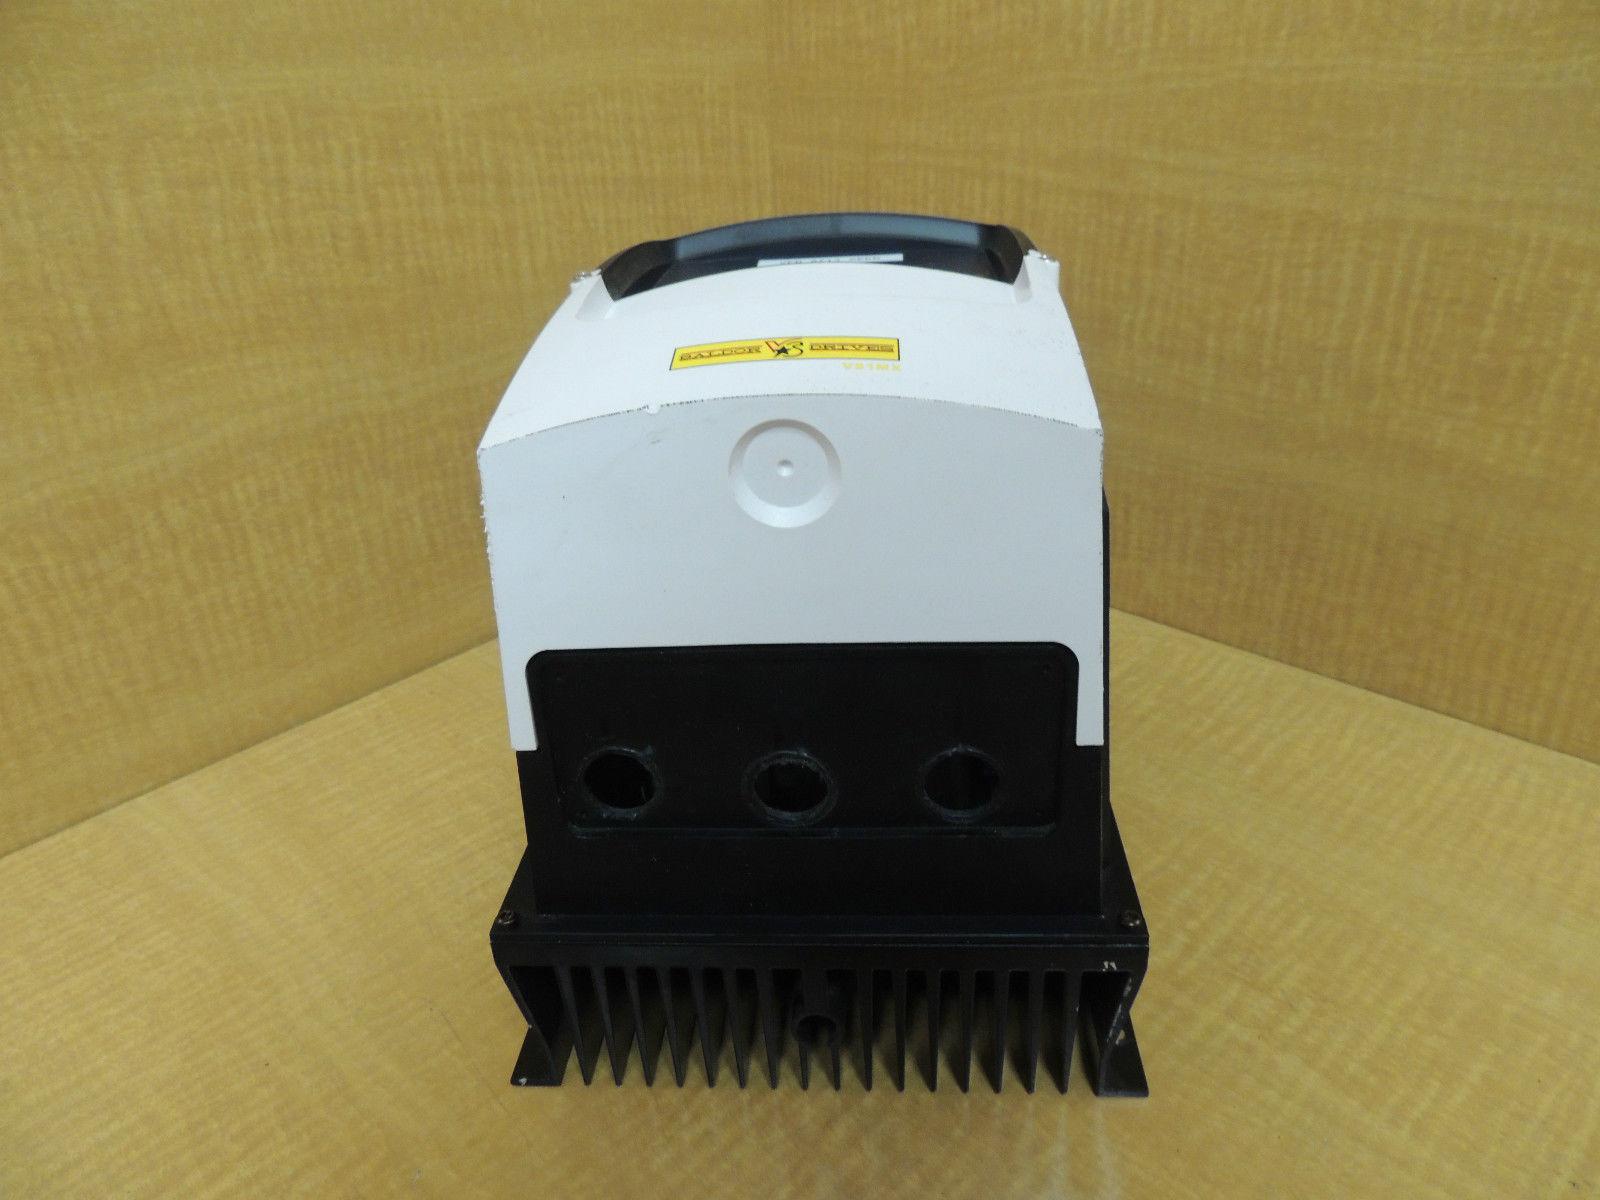 Used Baldor Vs1mx47 4t Vs1mx474t Vfd Drive Motor Controller 7 5 Hp 3 Phase Ebay